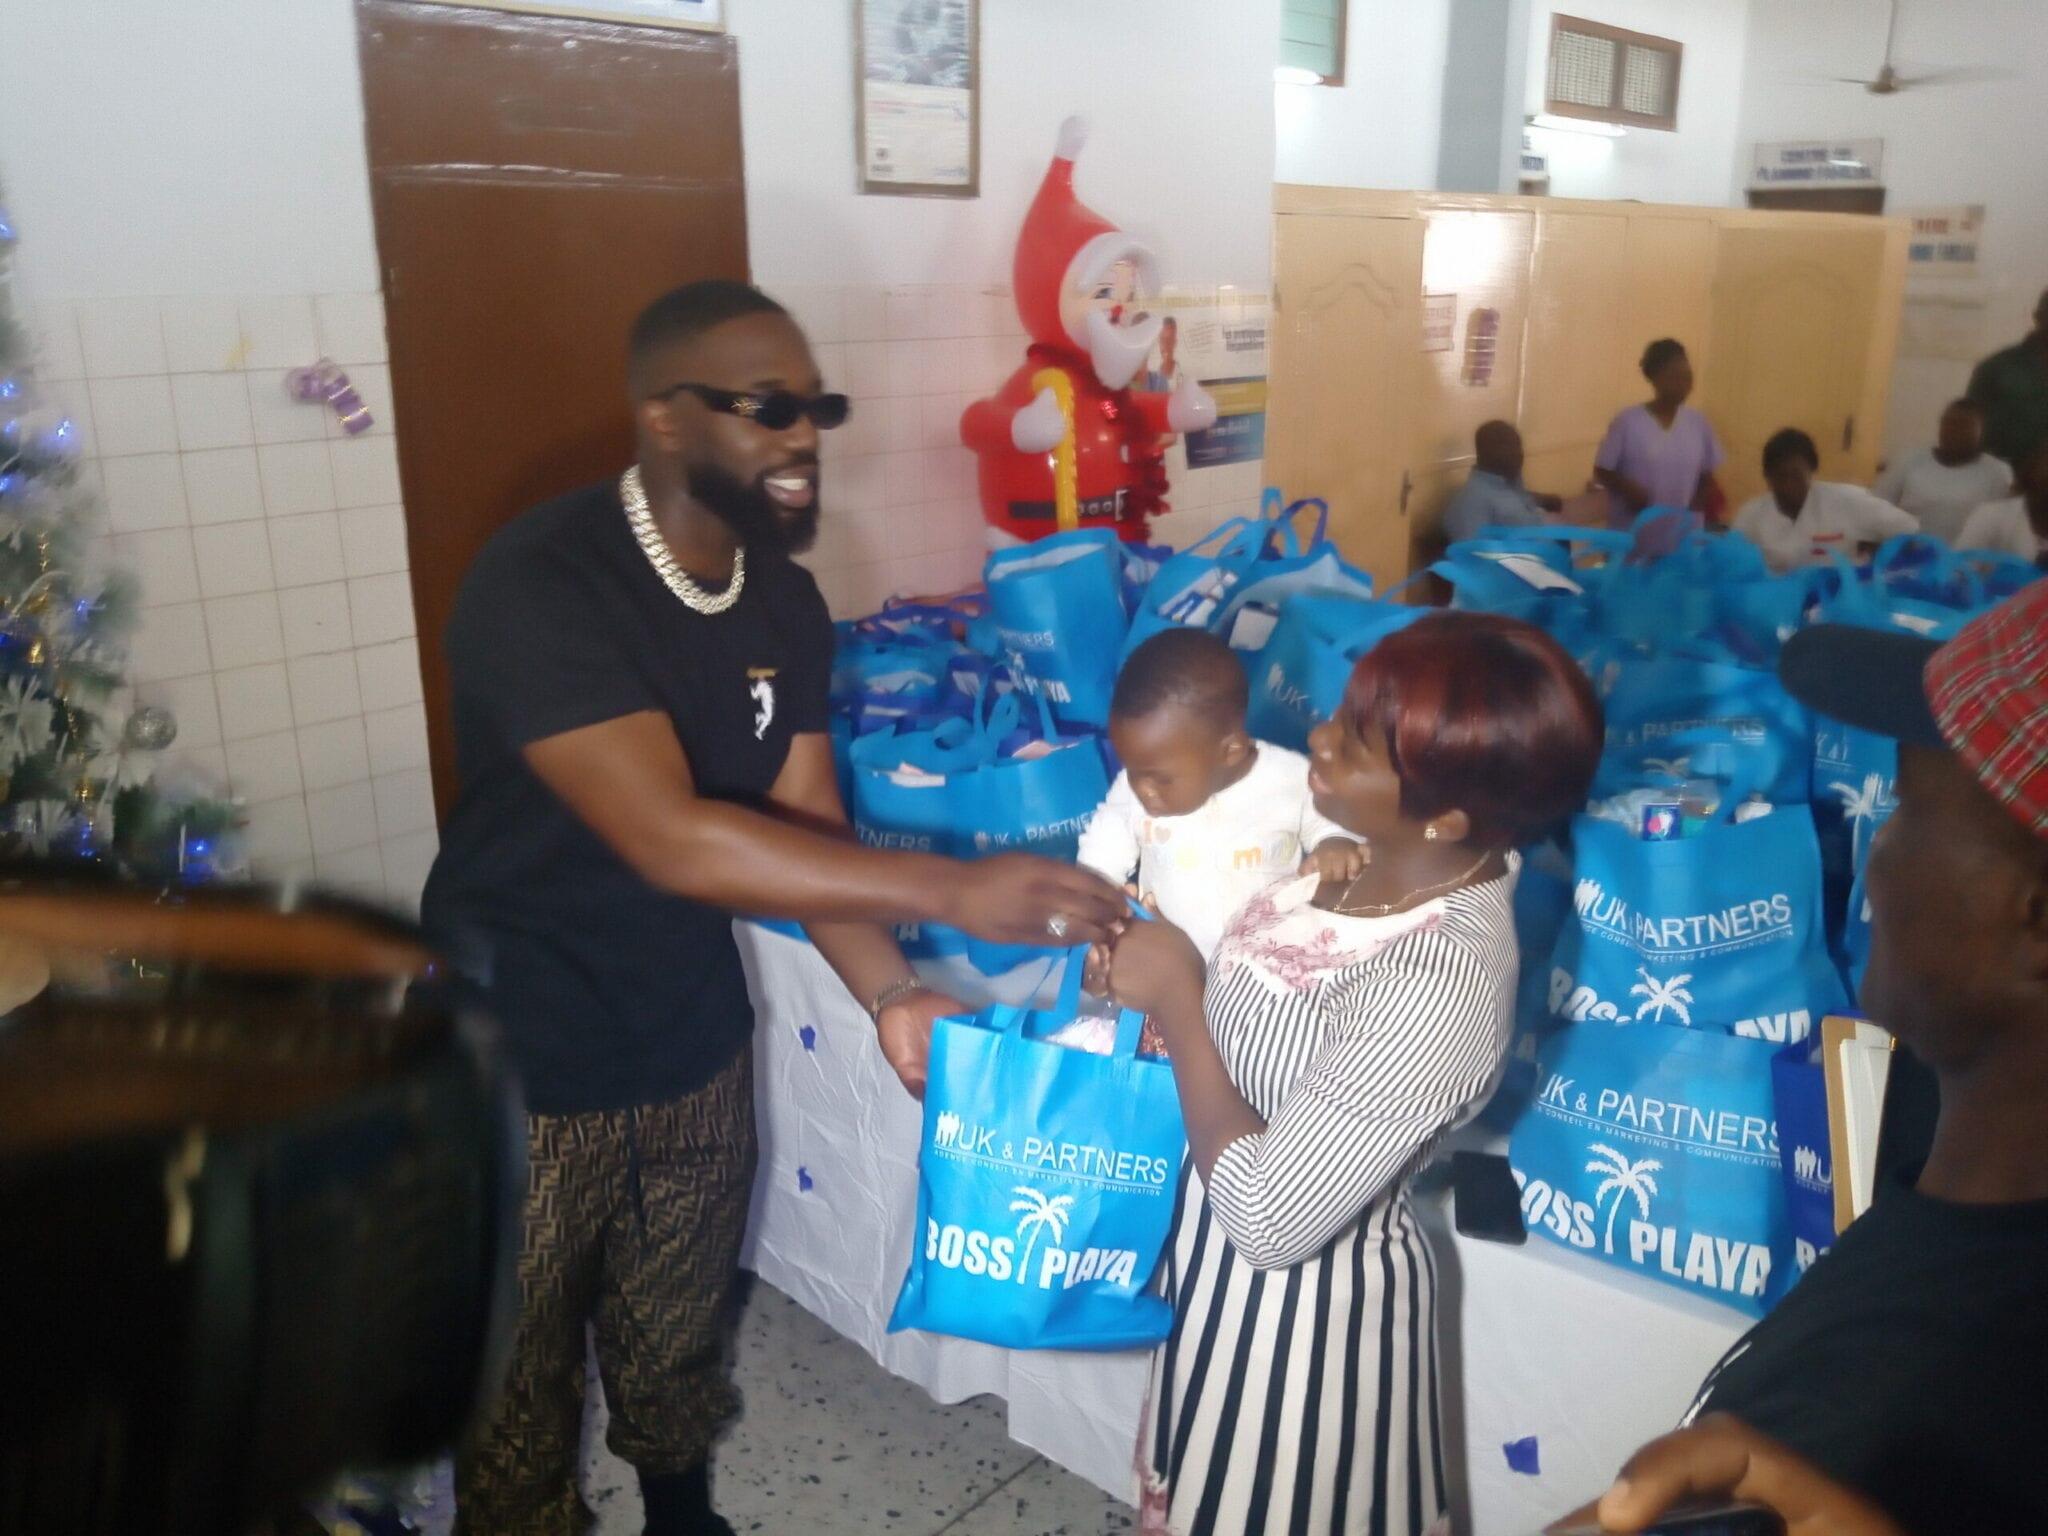 Togo : l'artiste Vegedream et UK & Partners appuient l'hôpital de Bè